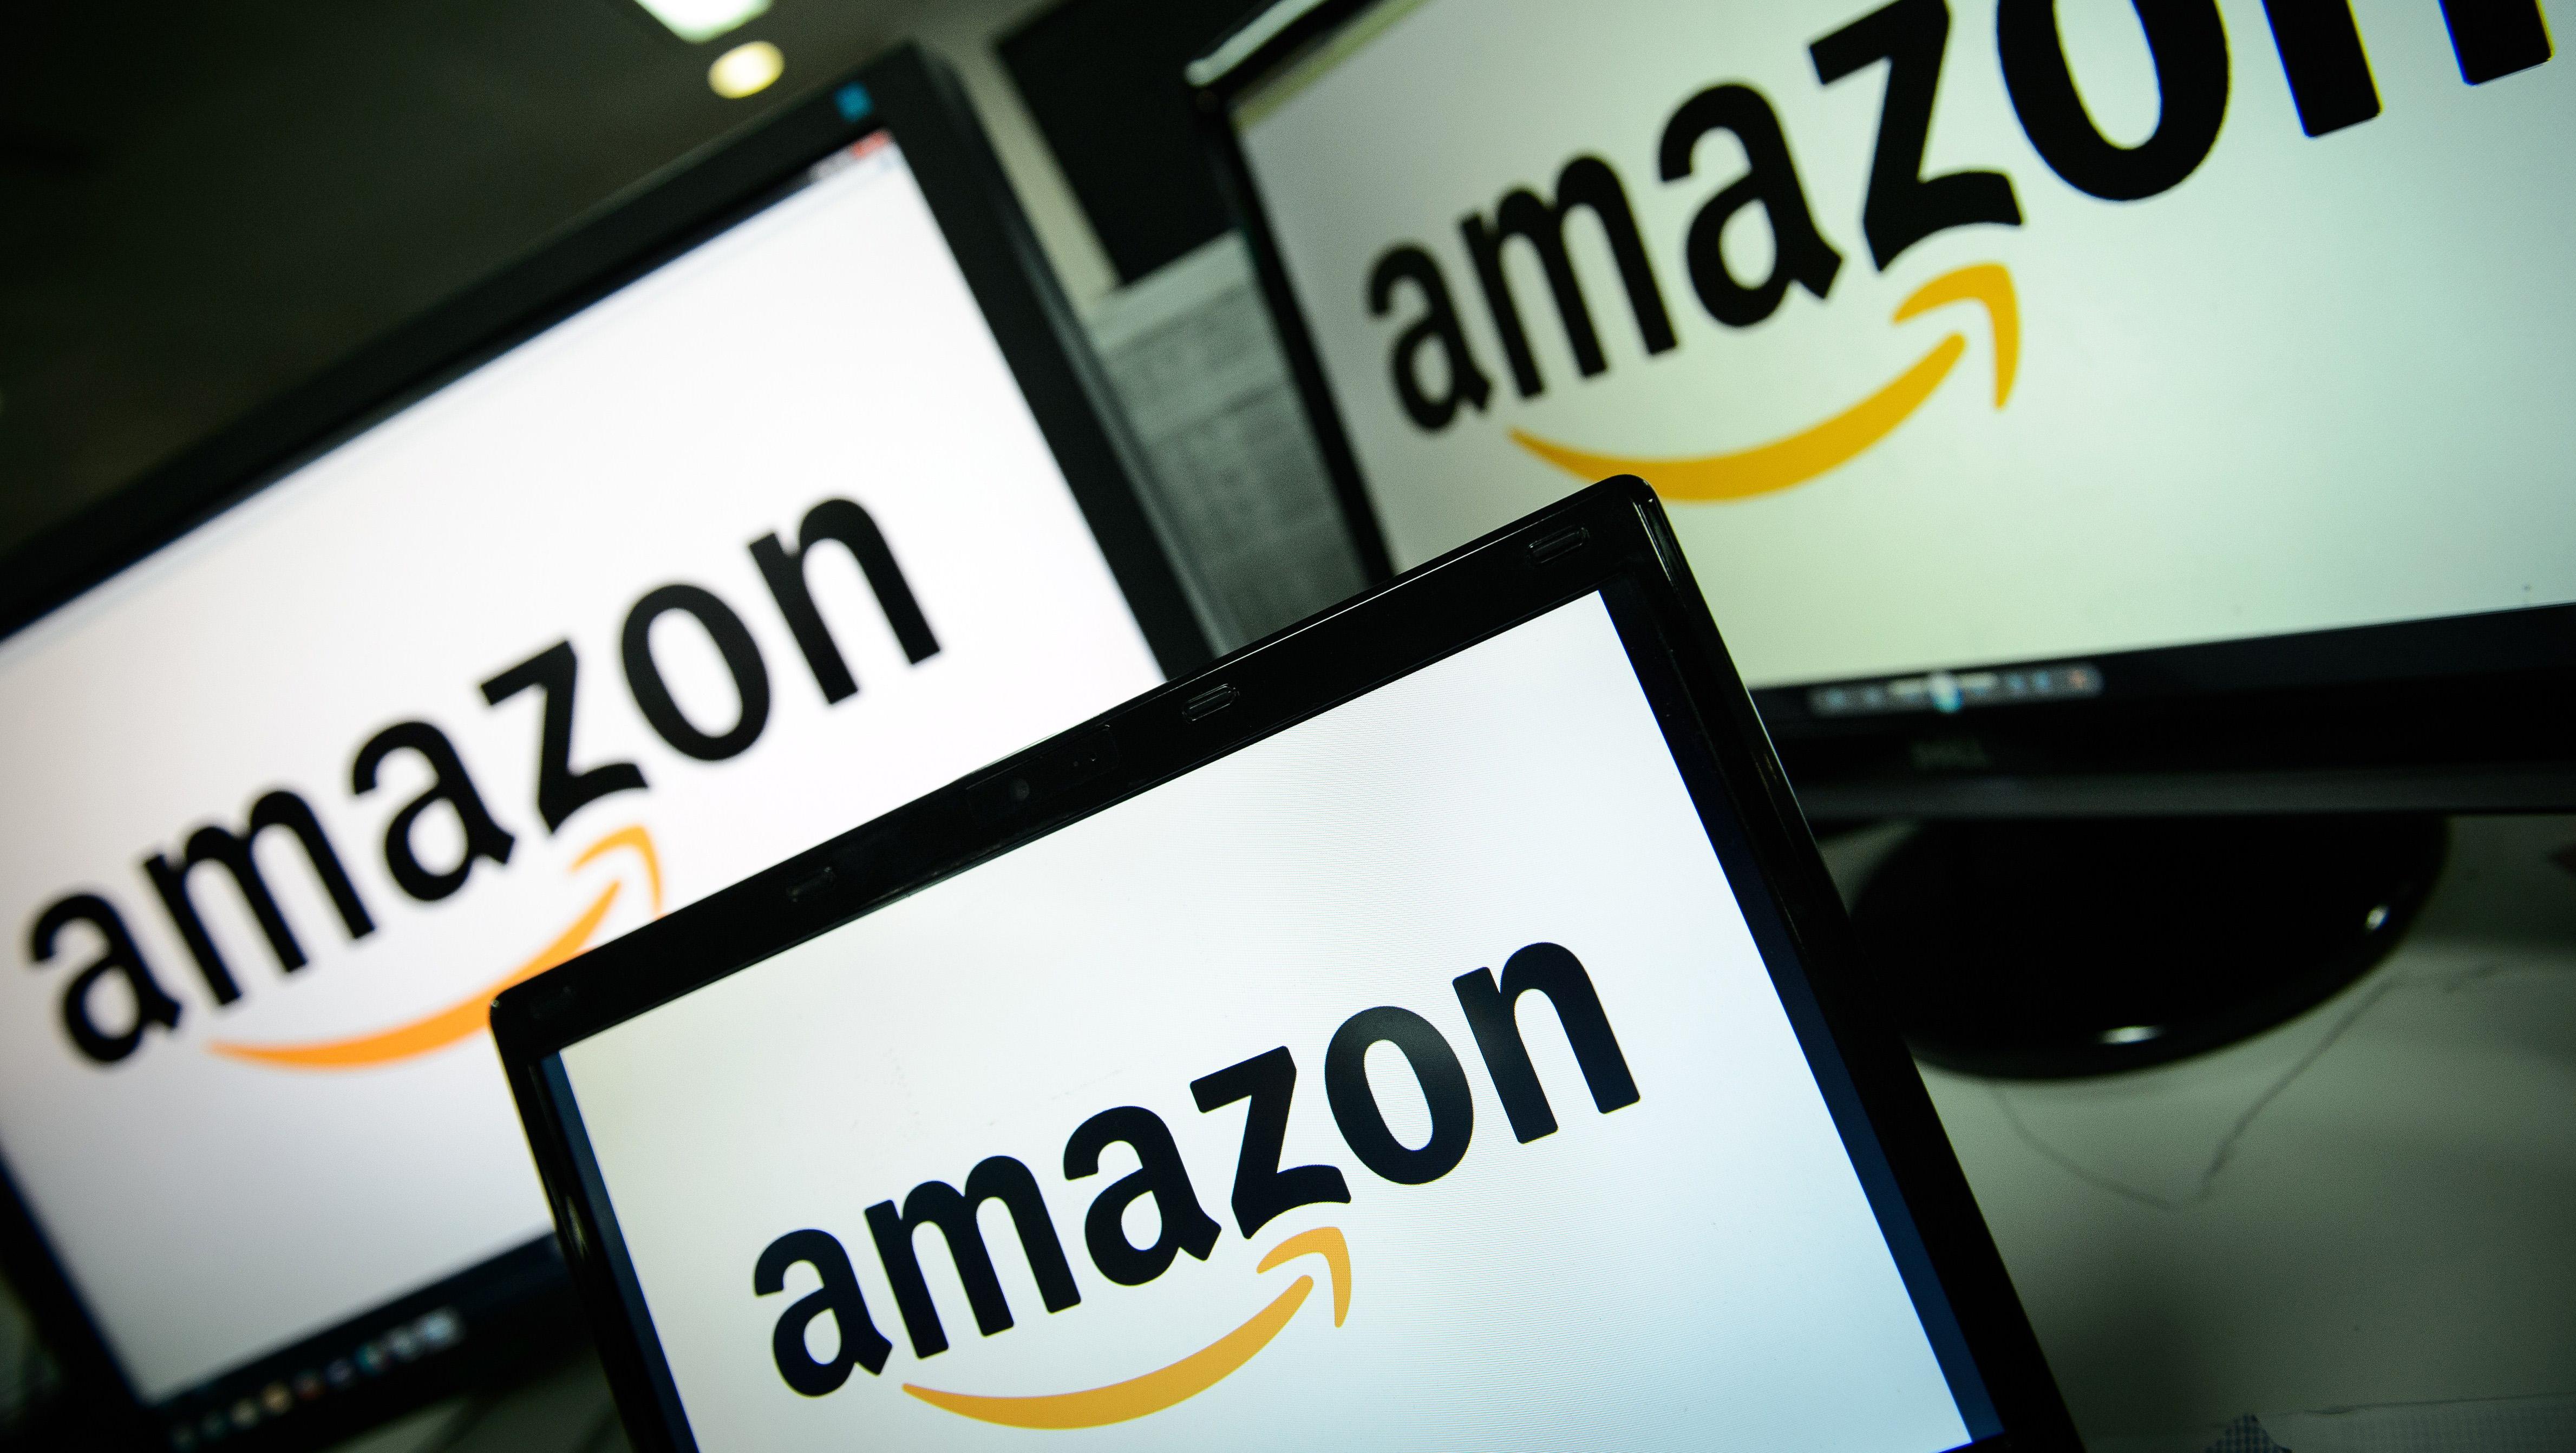 Amazon Cyber Monday Promo Codes, Amazon Promo Codes, Amazon Cyber Monday, cyber monday deals, cyber monday 2016